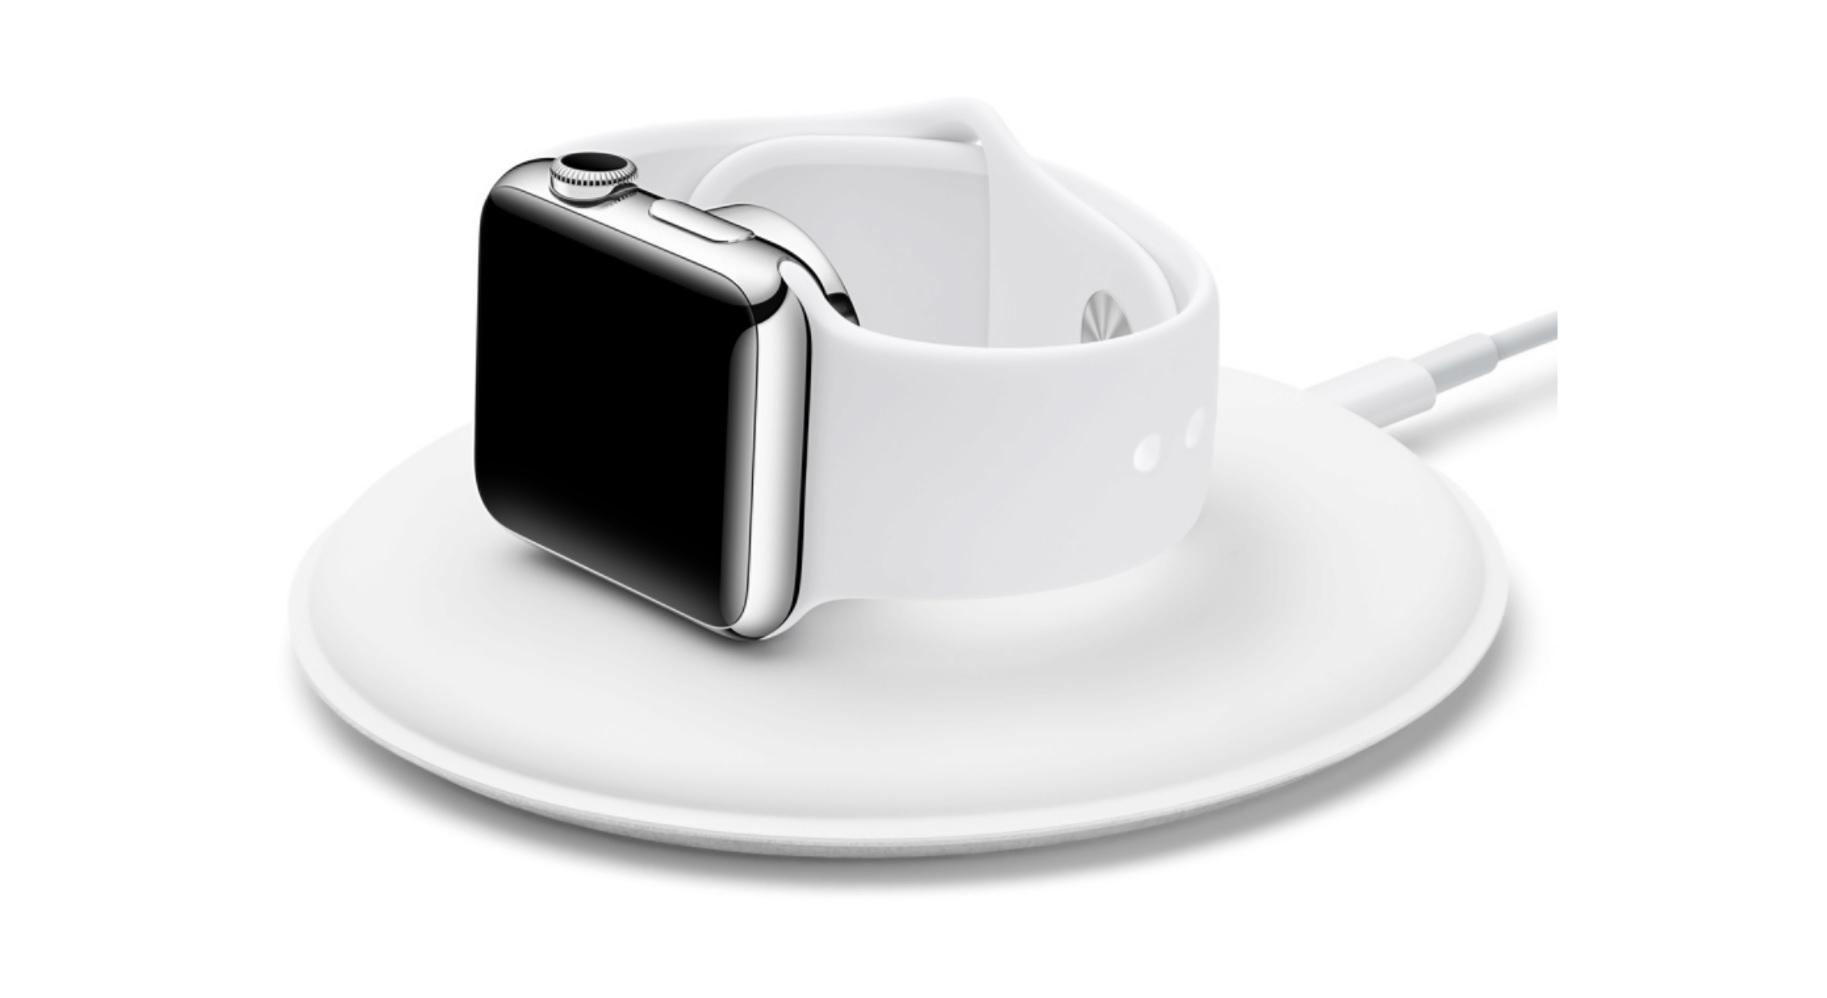 Apples enkle tilbehør kommer med en 2 m ladekabel.